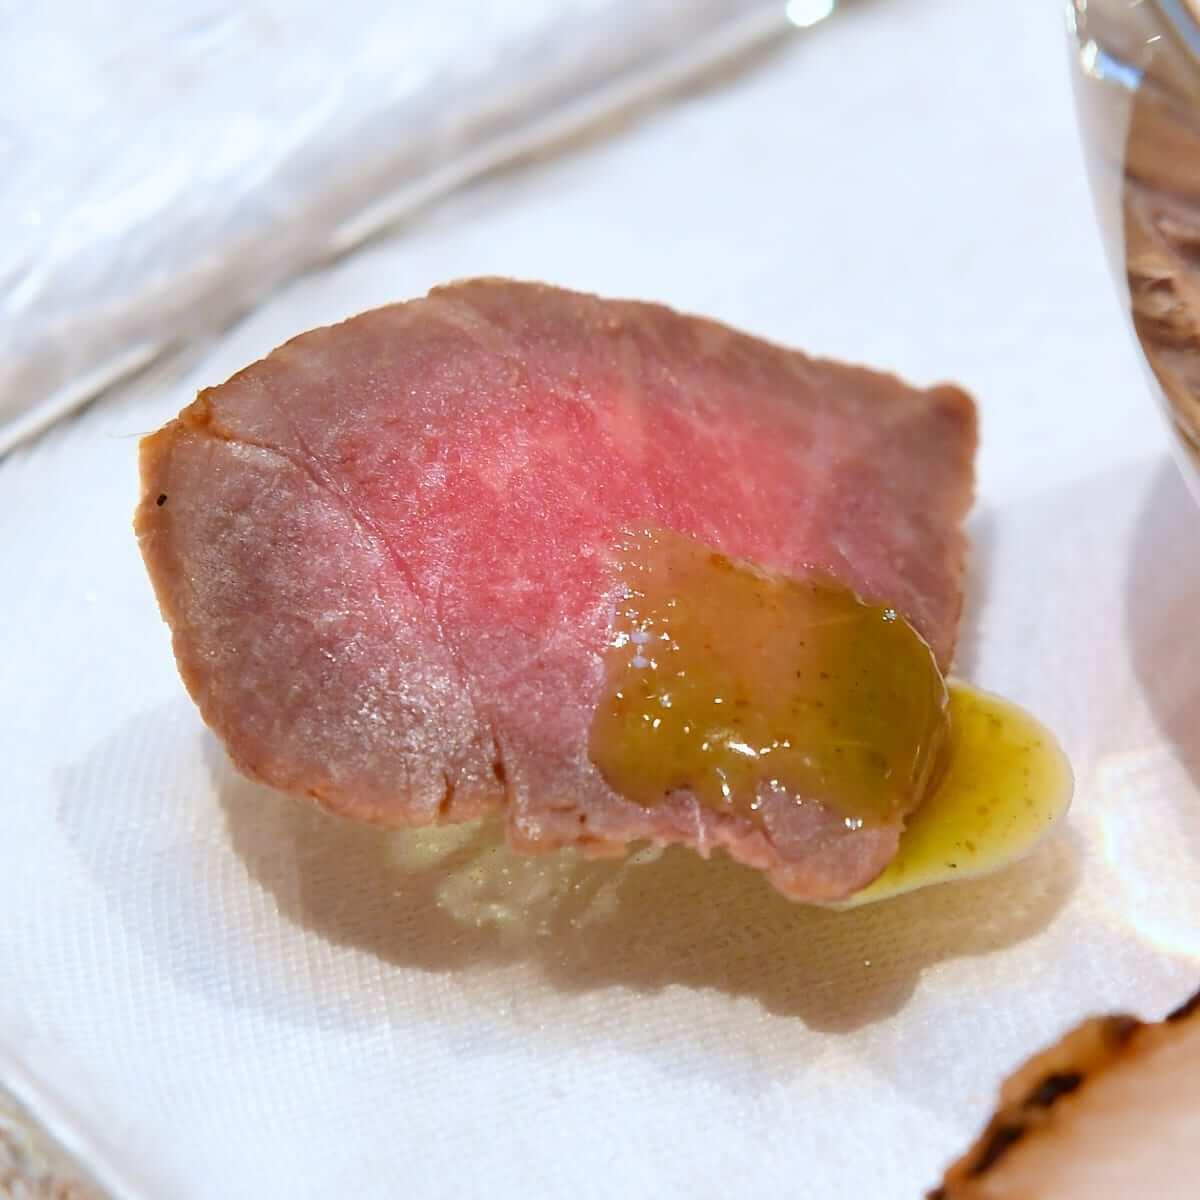 シルクロードガーデン ディズニークリスマス2019スペシャルメニュー 牛肉たたき